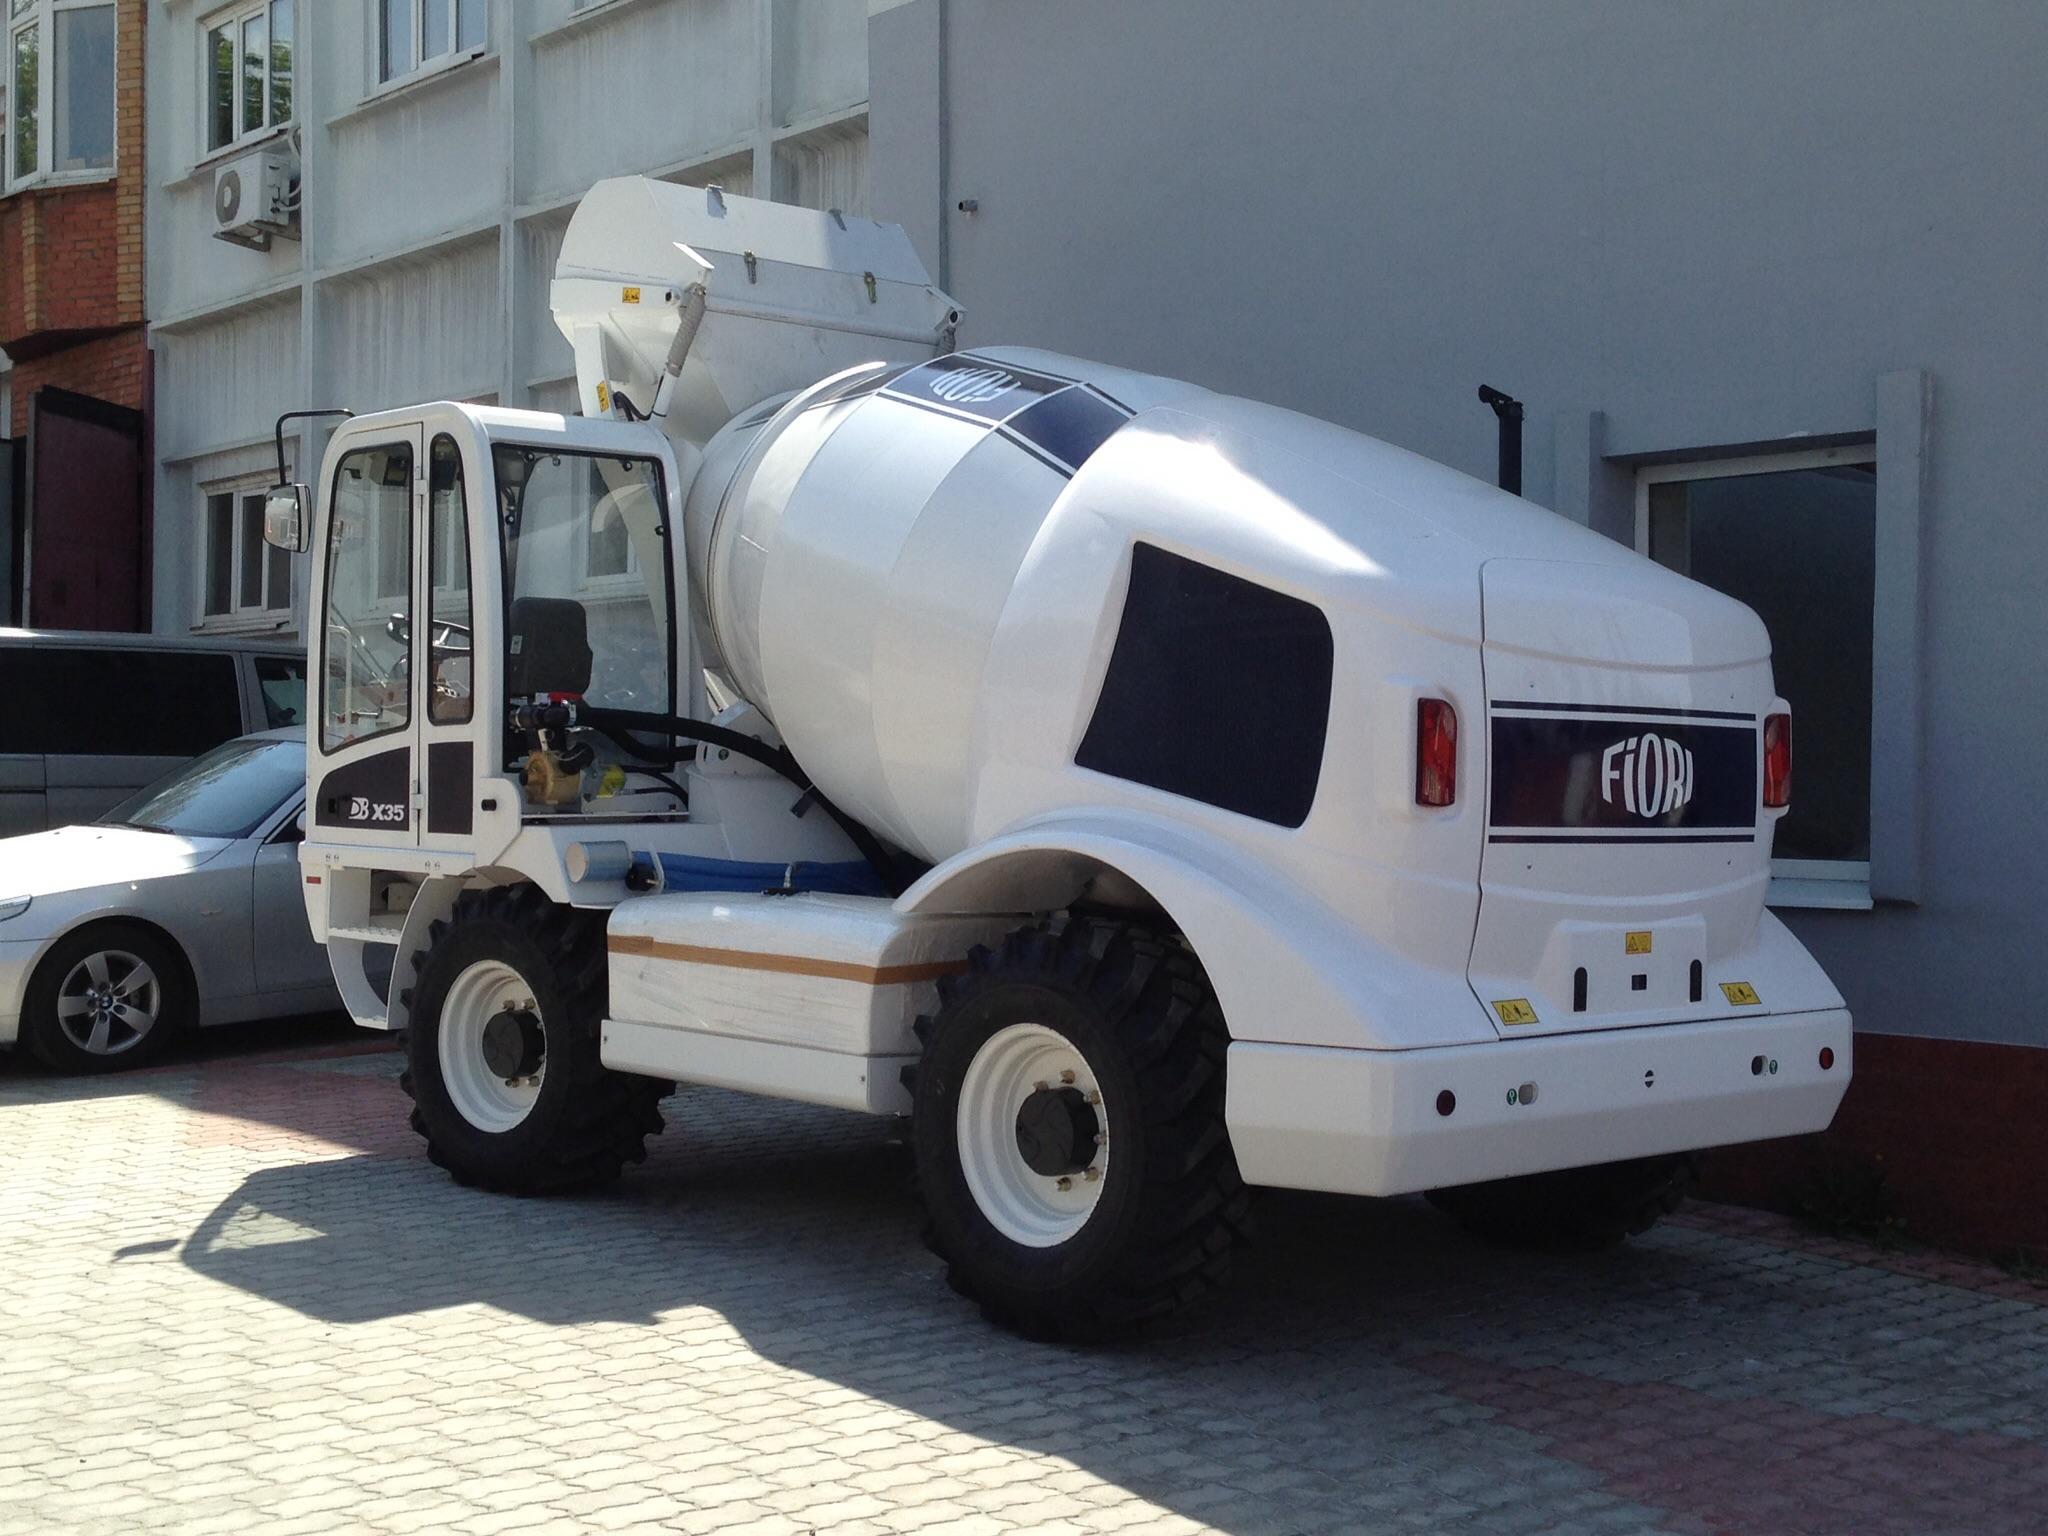 Бетоносмеситель с самозагрузкой Fiori DB X35 мобильный бетонозавод 100м3/см